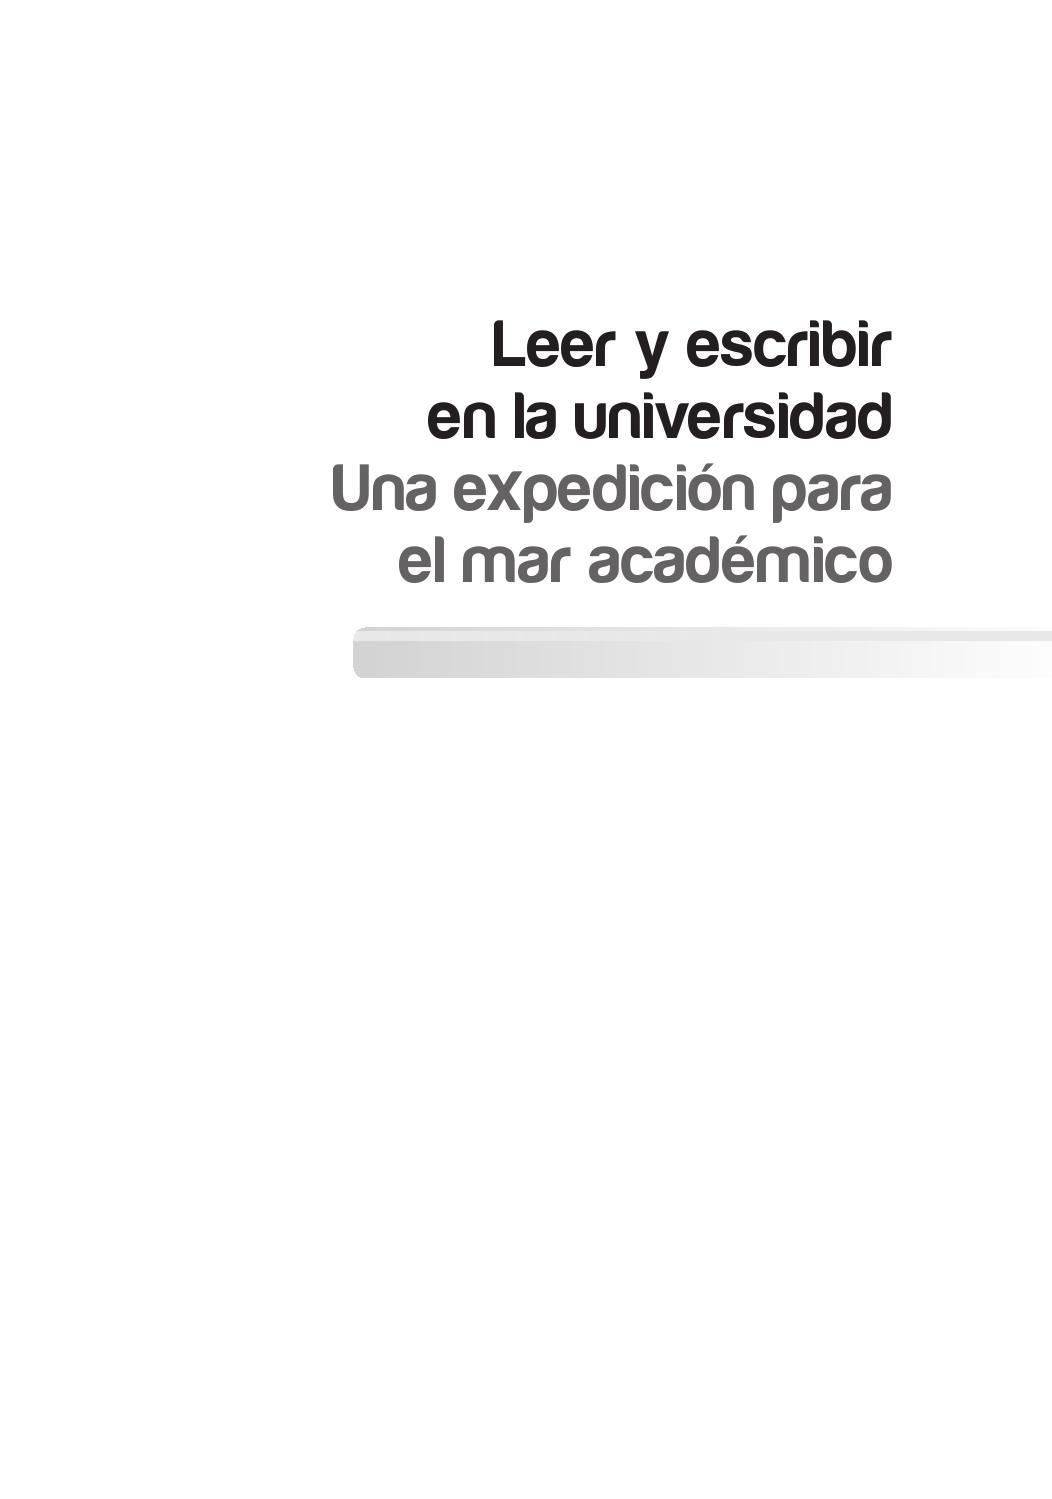 Leer y escribir en la universidad final artes by Martha Cecilia ...